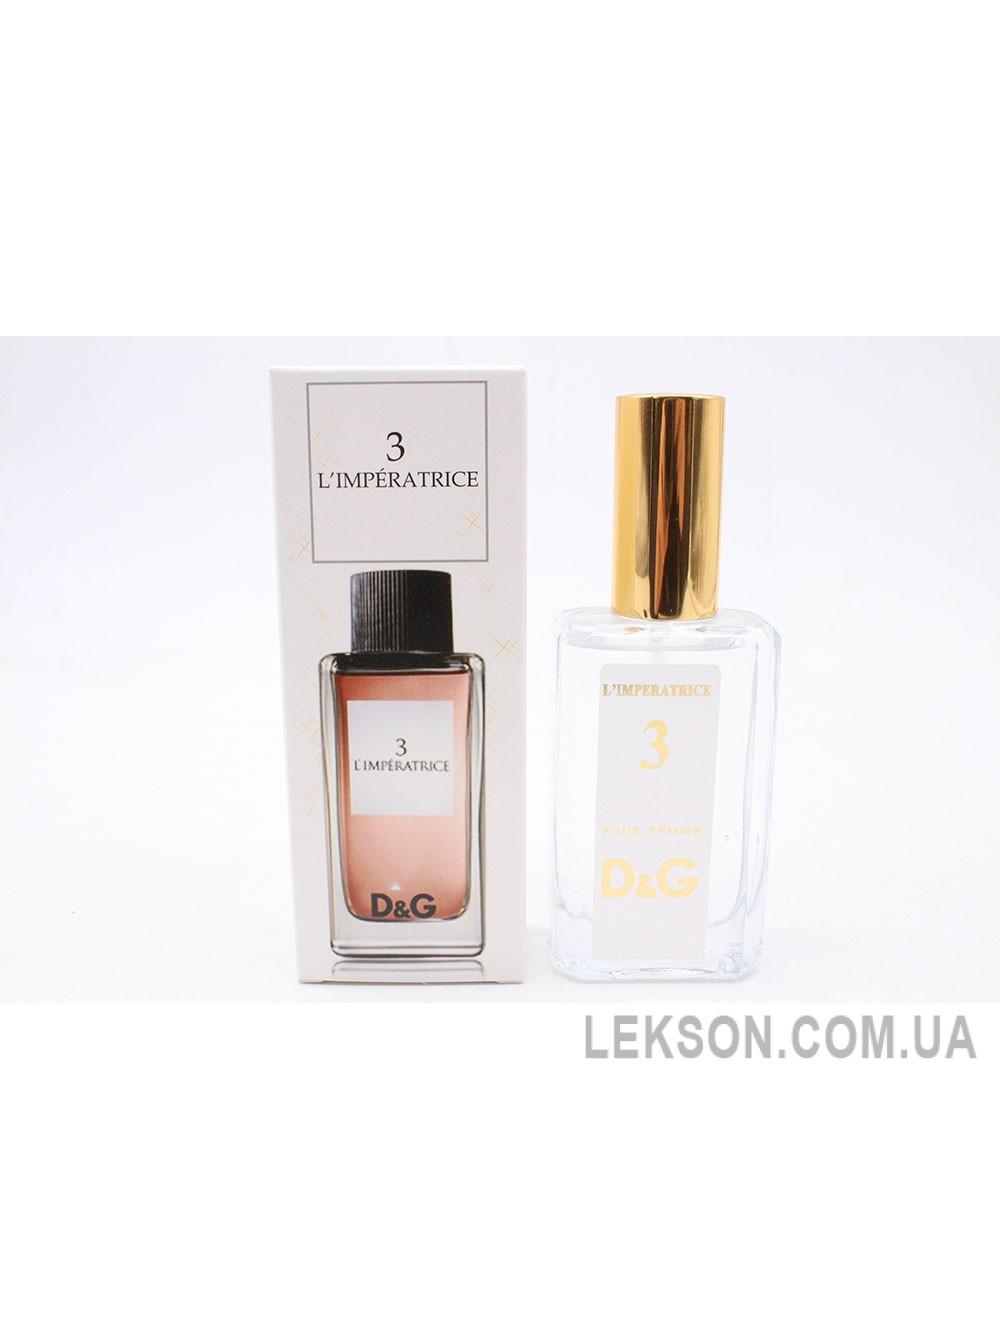 Женский парфюм тестер: Dolce gabbana limperatrice 3 60мл